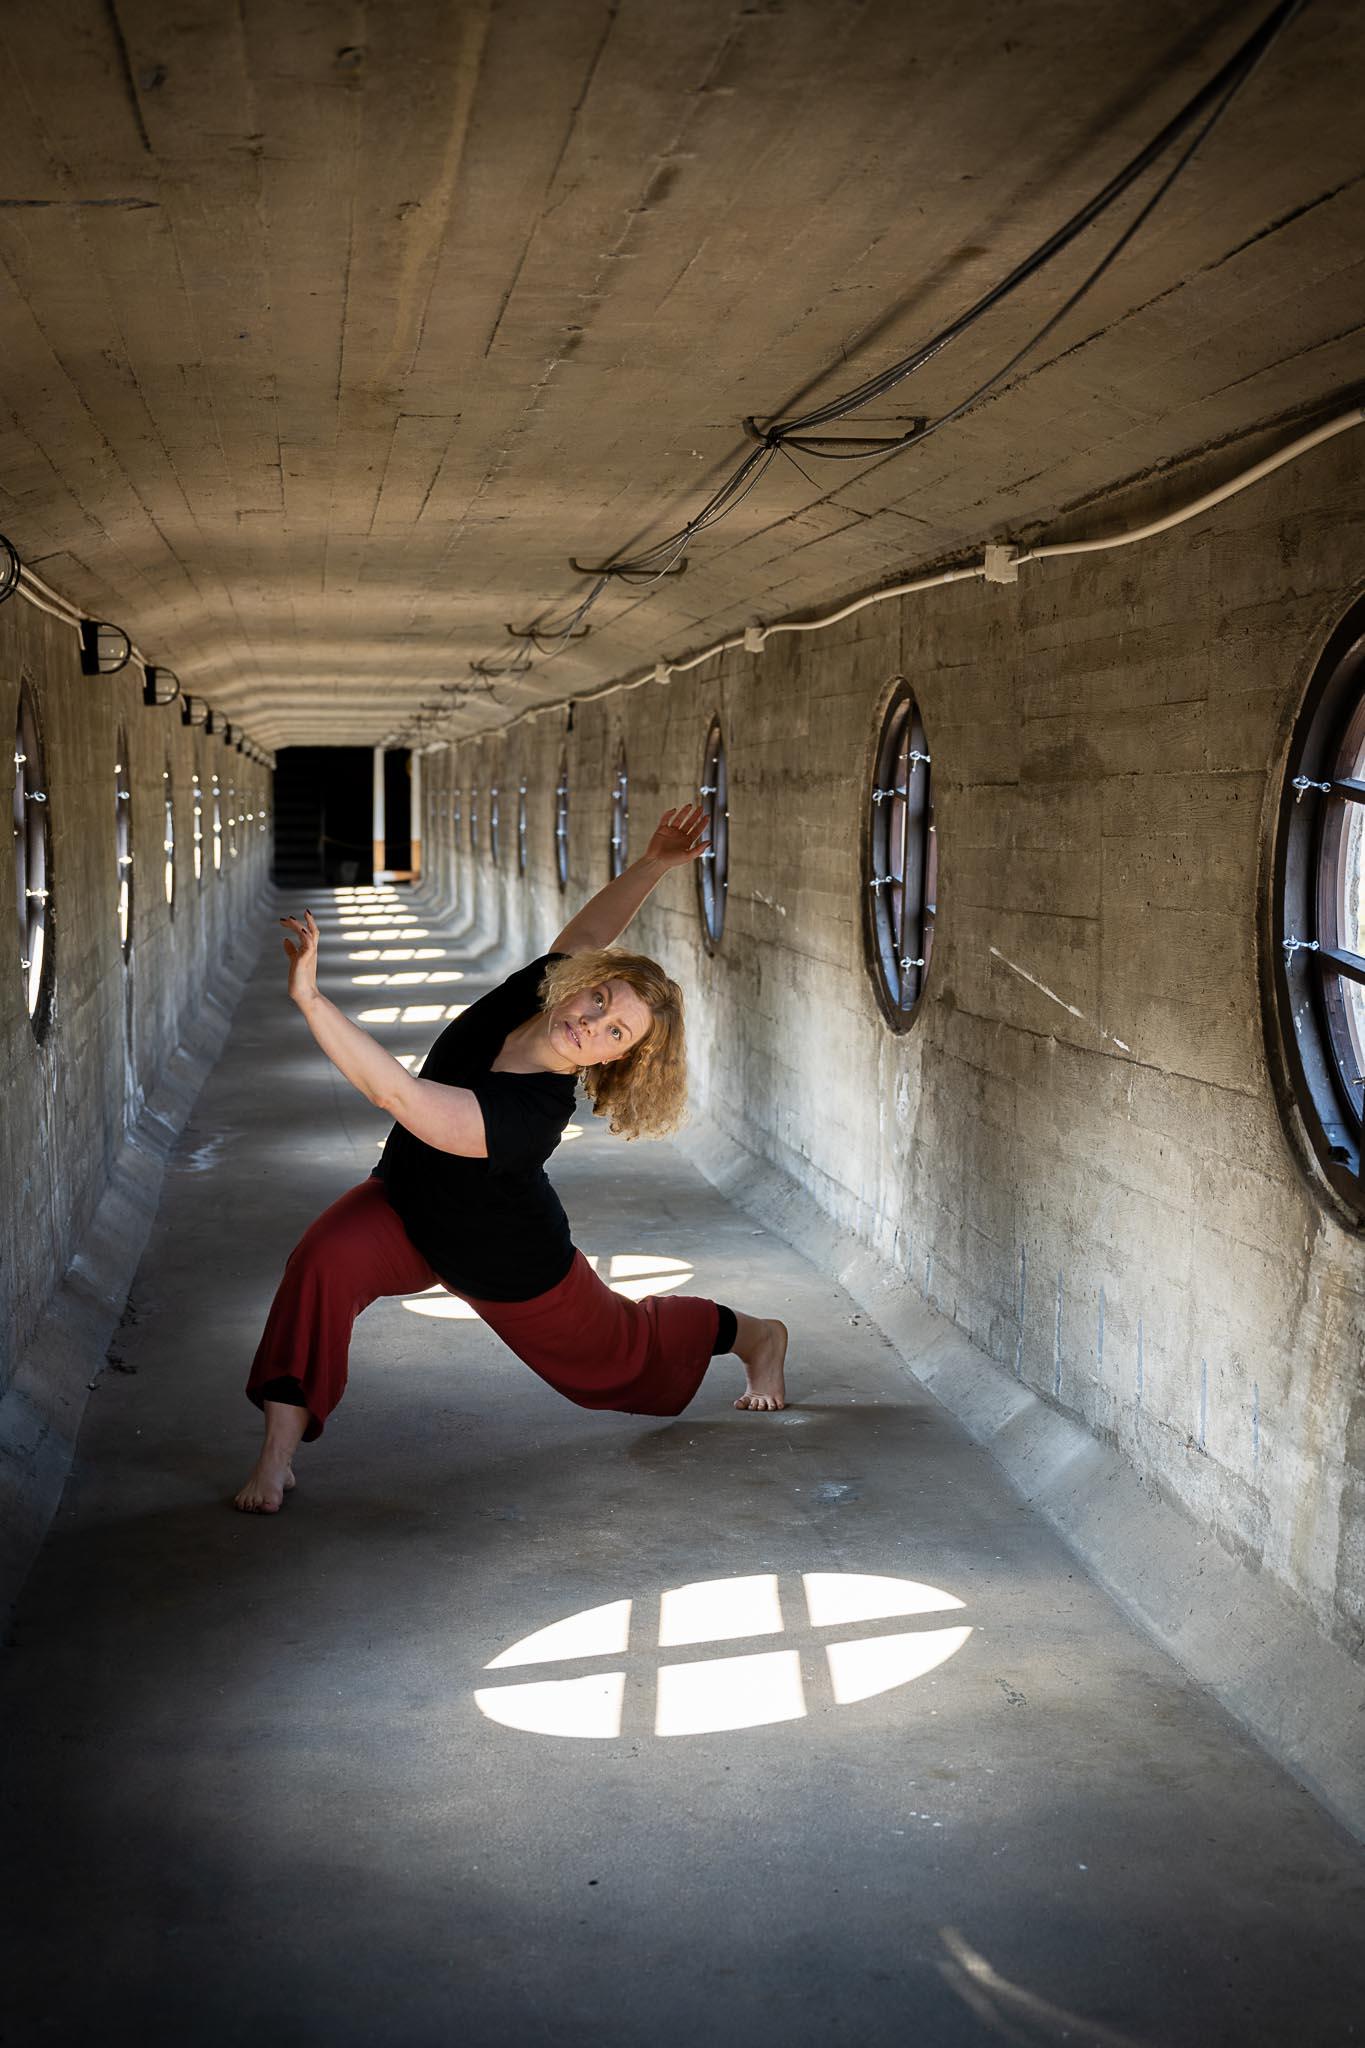 henkilö tanssii betonisessa putkessa punaisissa housuissa